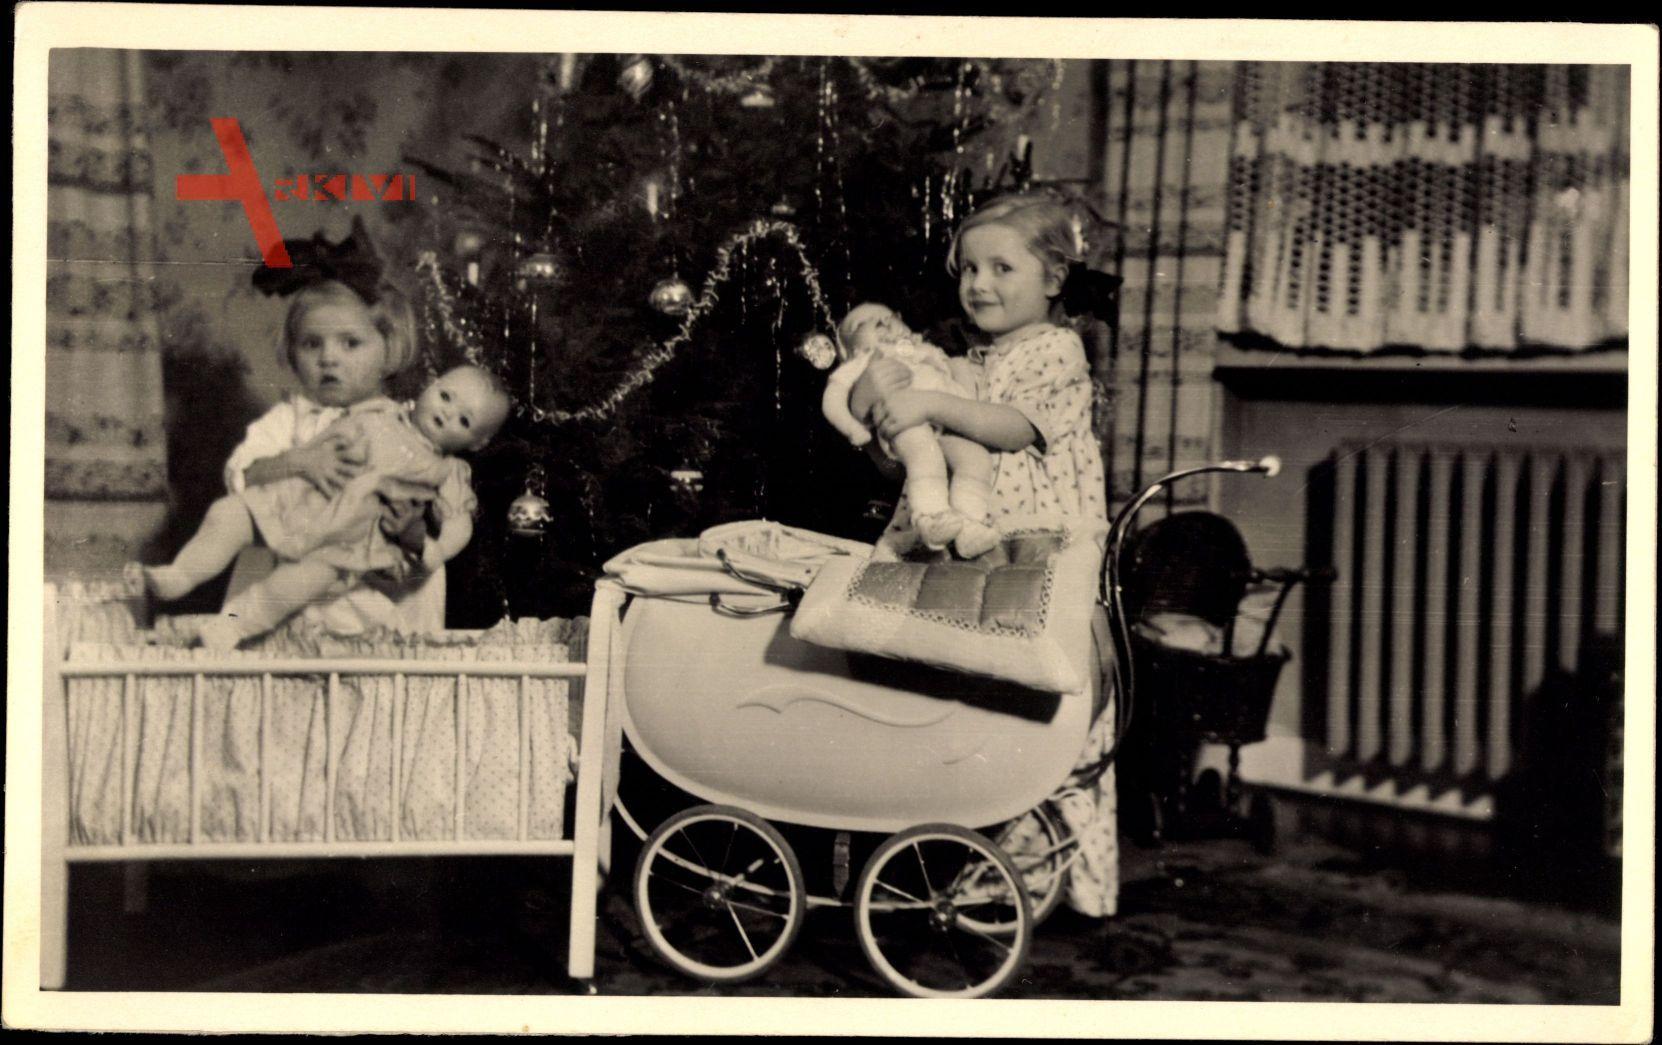 Weihnachtsmann, Mädchen mit Geschenken, Puppen, Puppenwagen